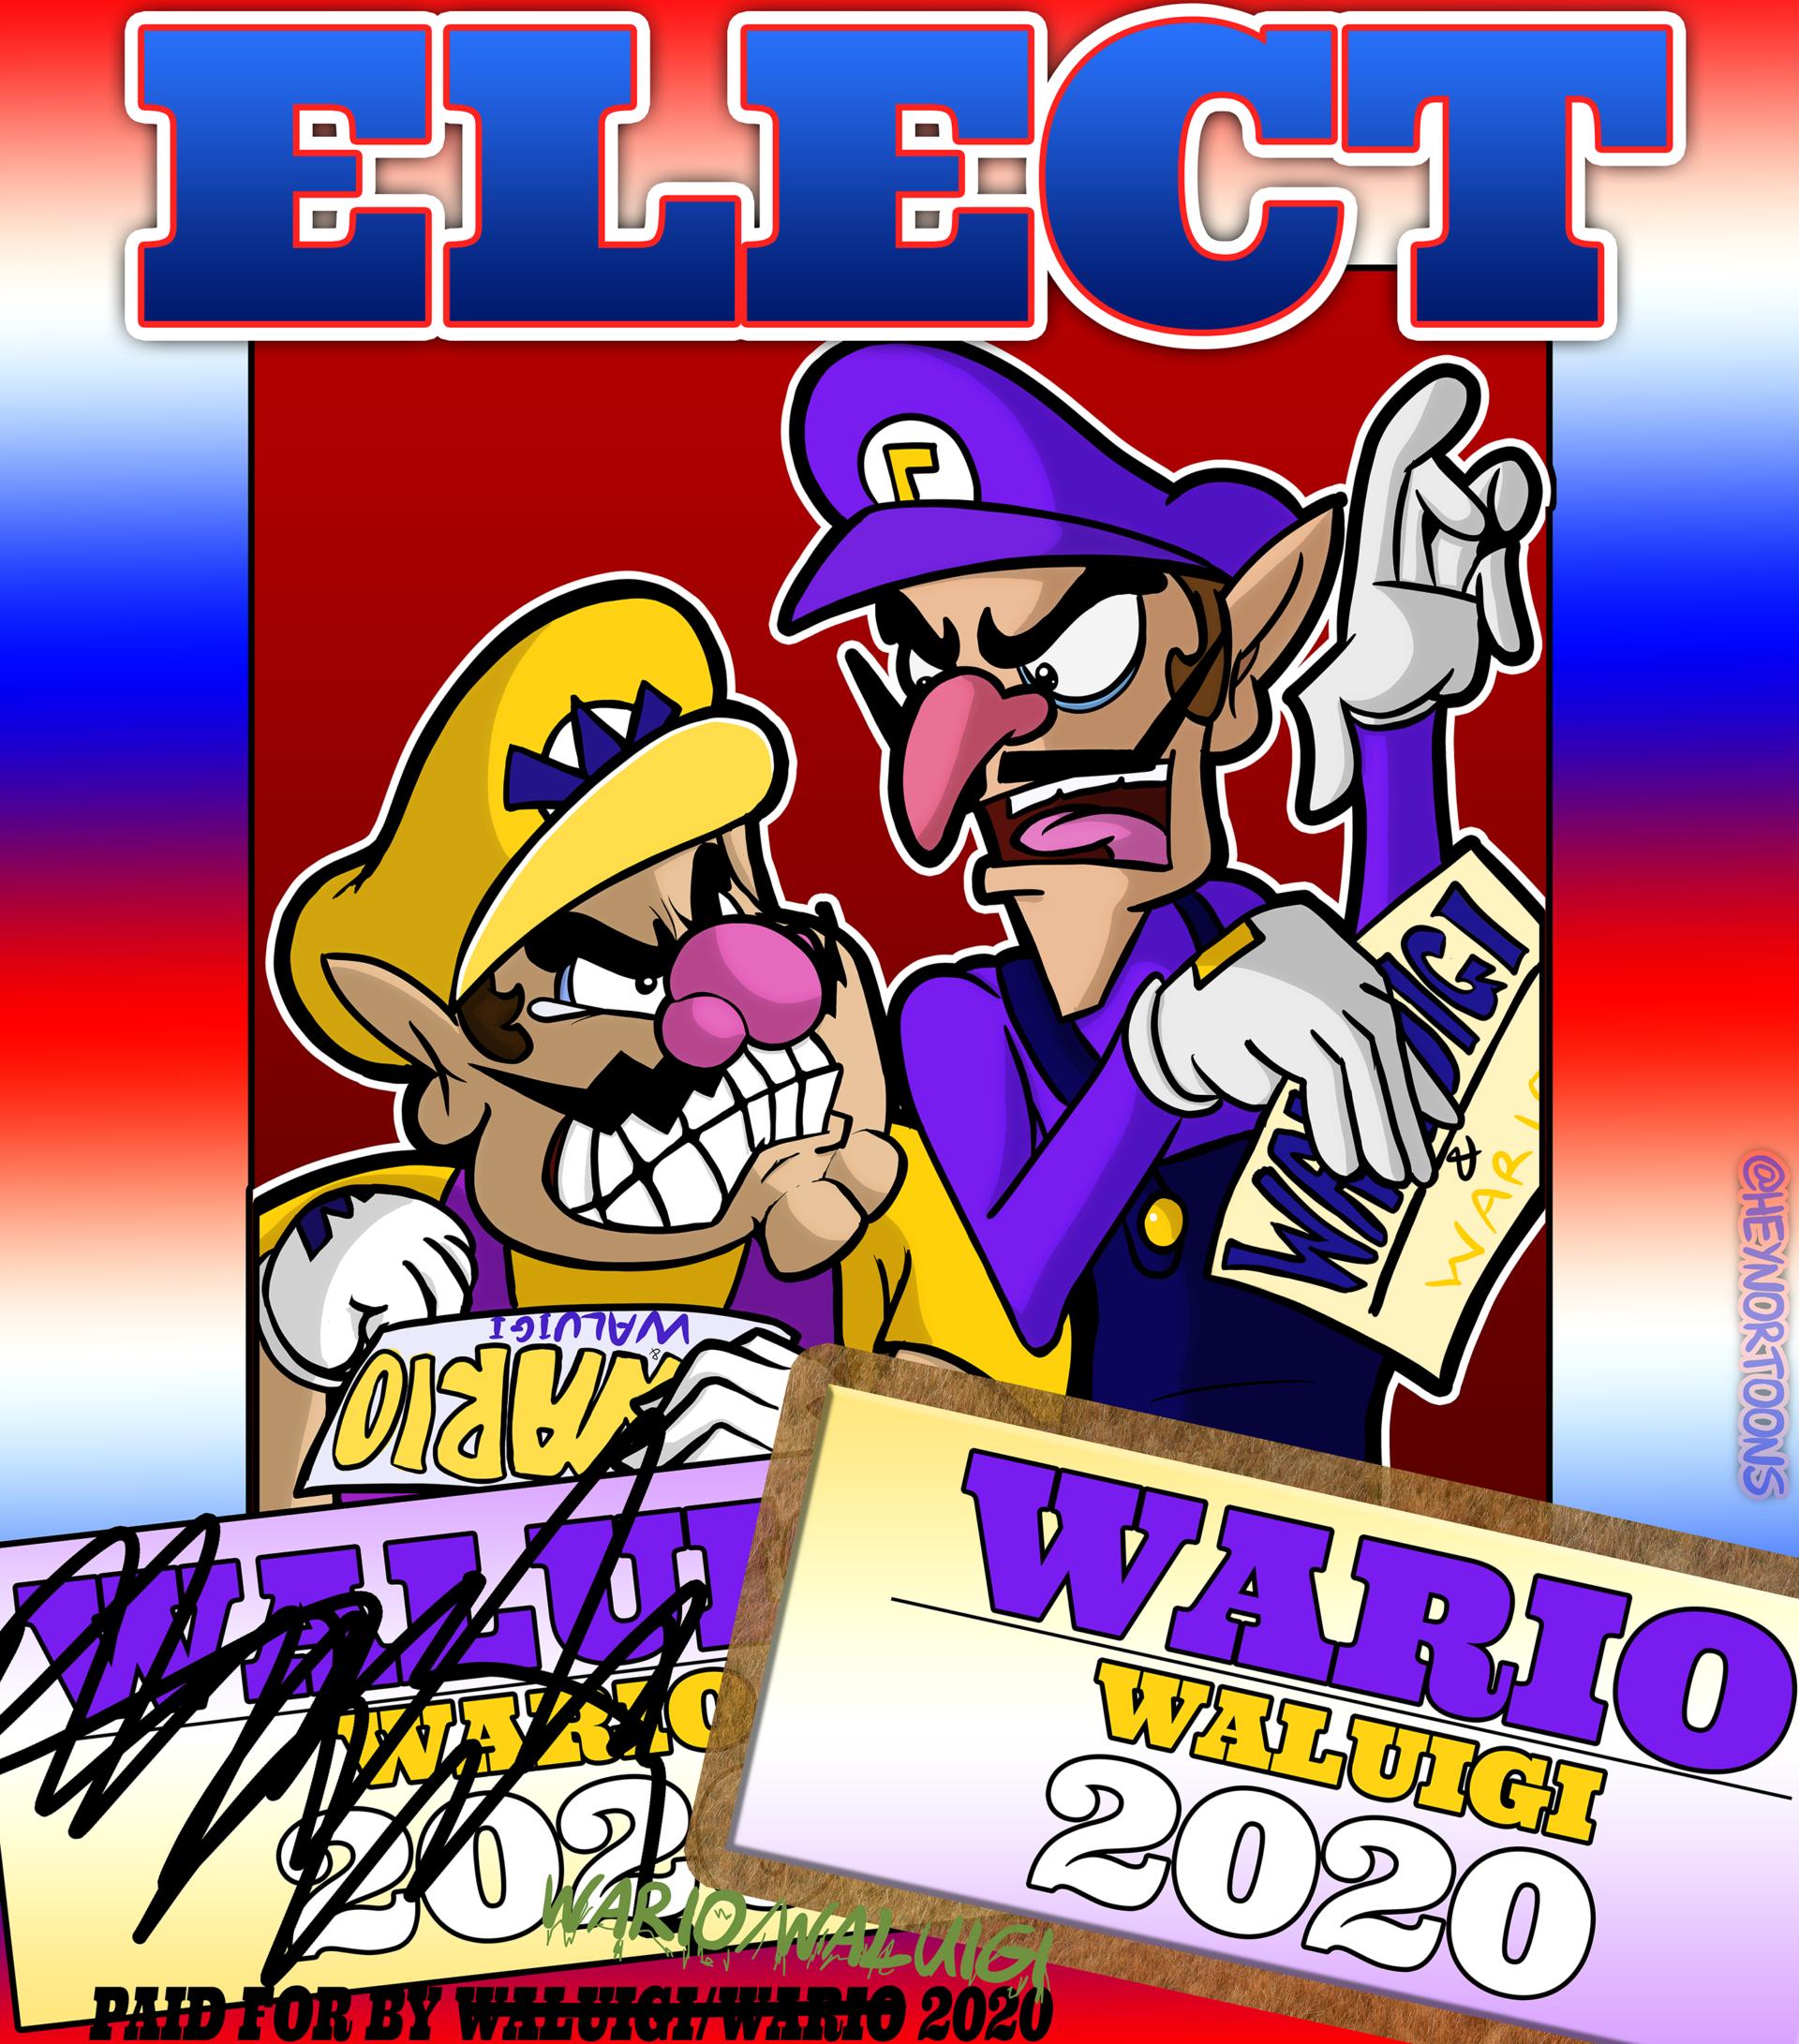 Elect Waluigi/Wario 2020